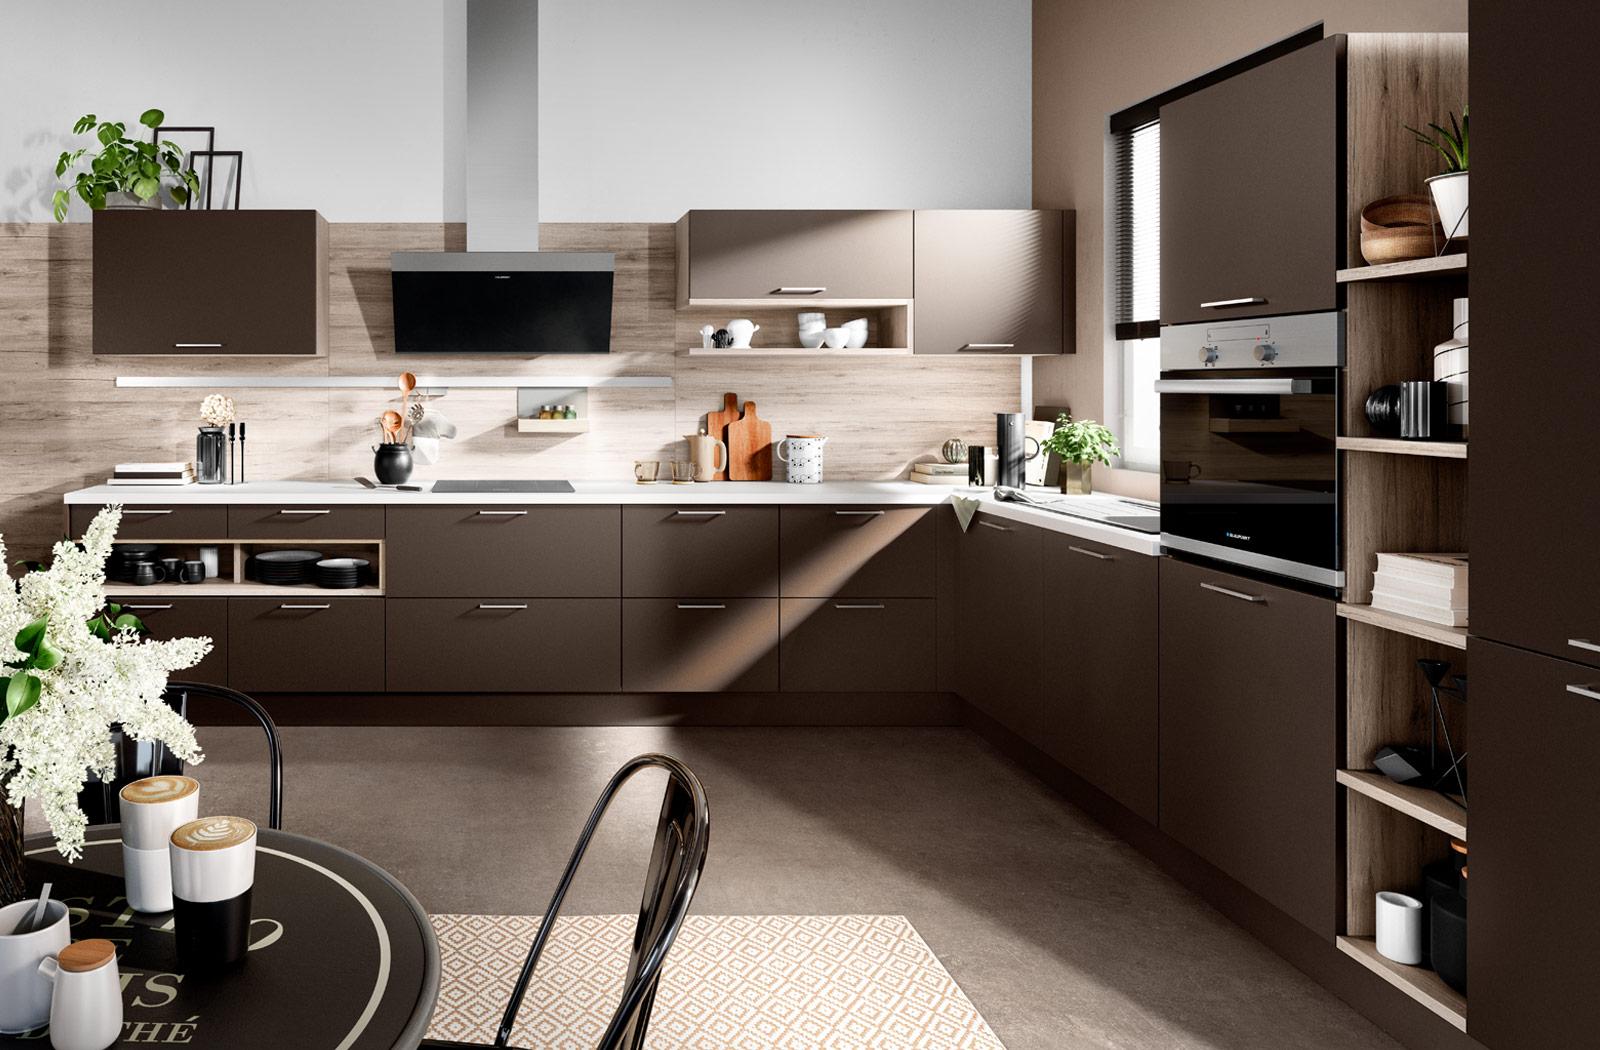 Häcker Küchen 17  Test, Preise, Qualität, Musterküchen